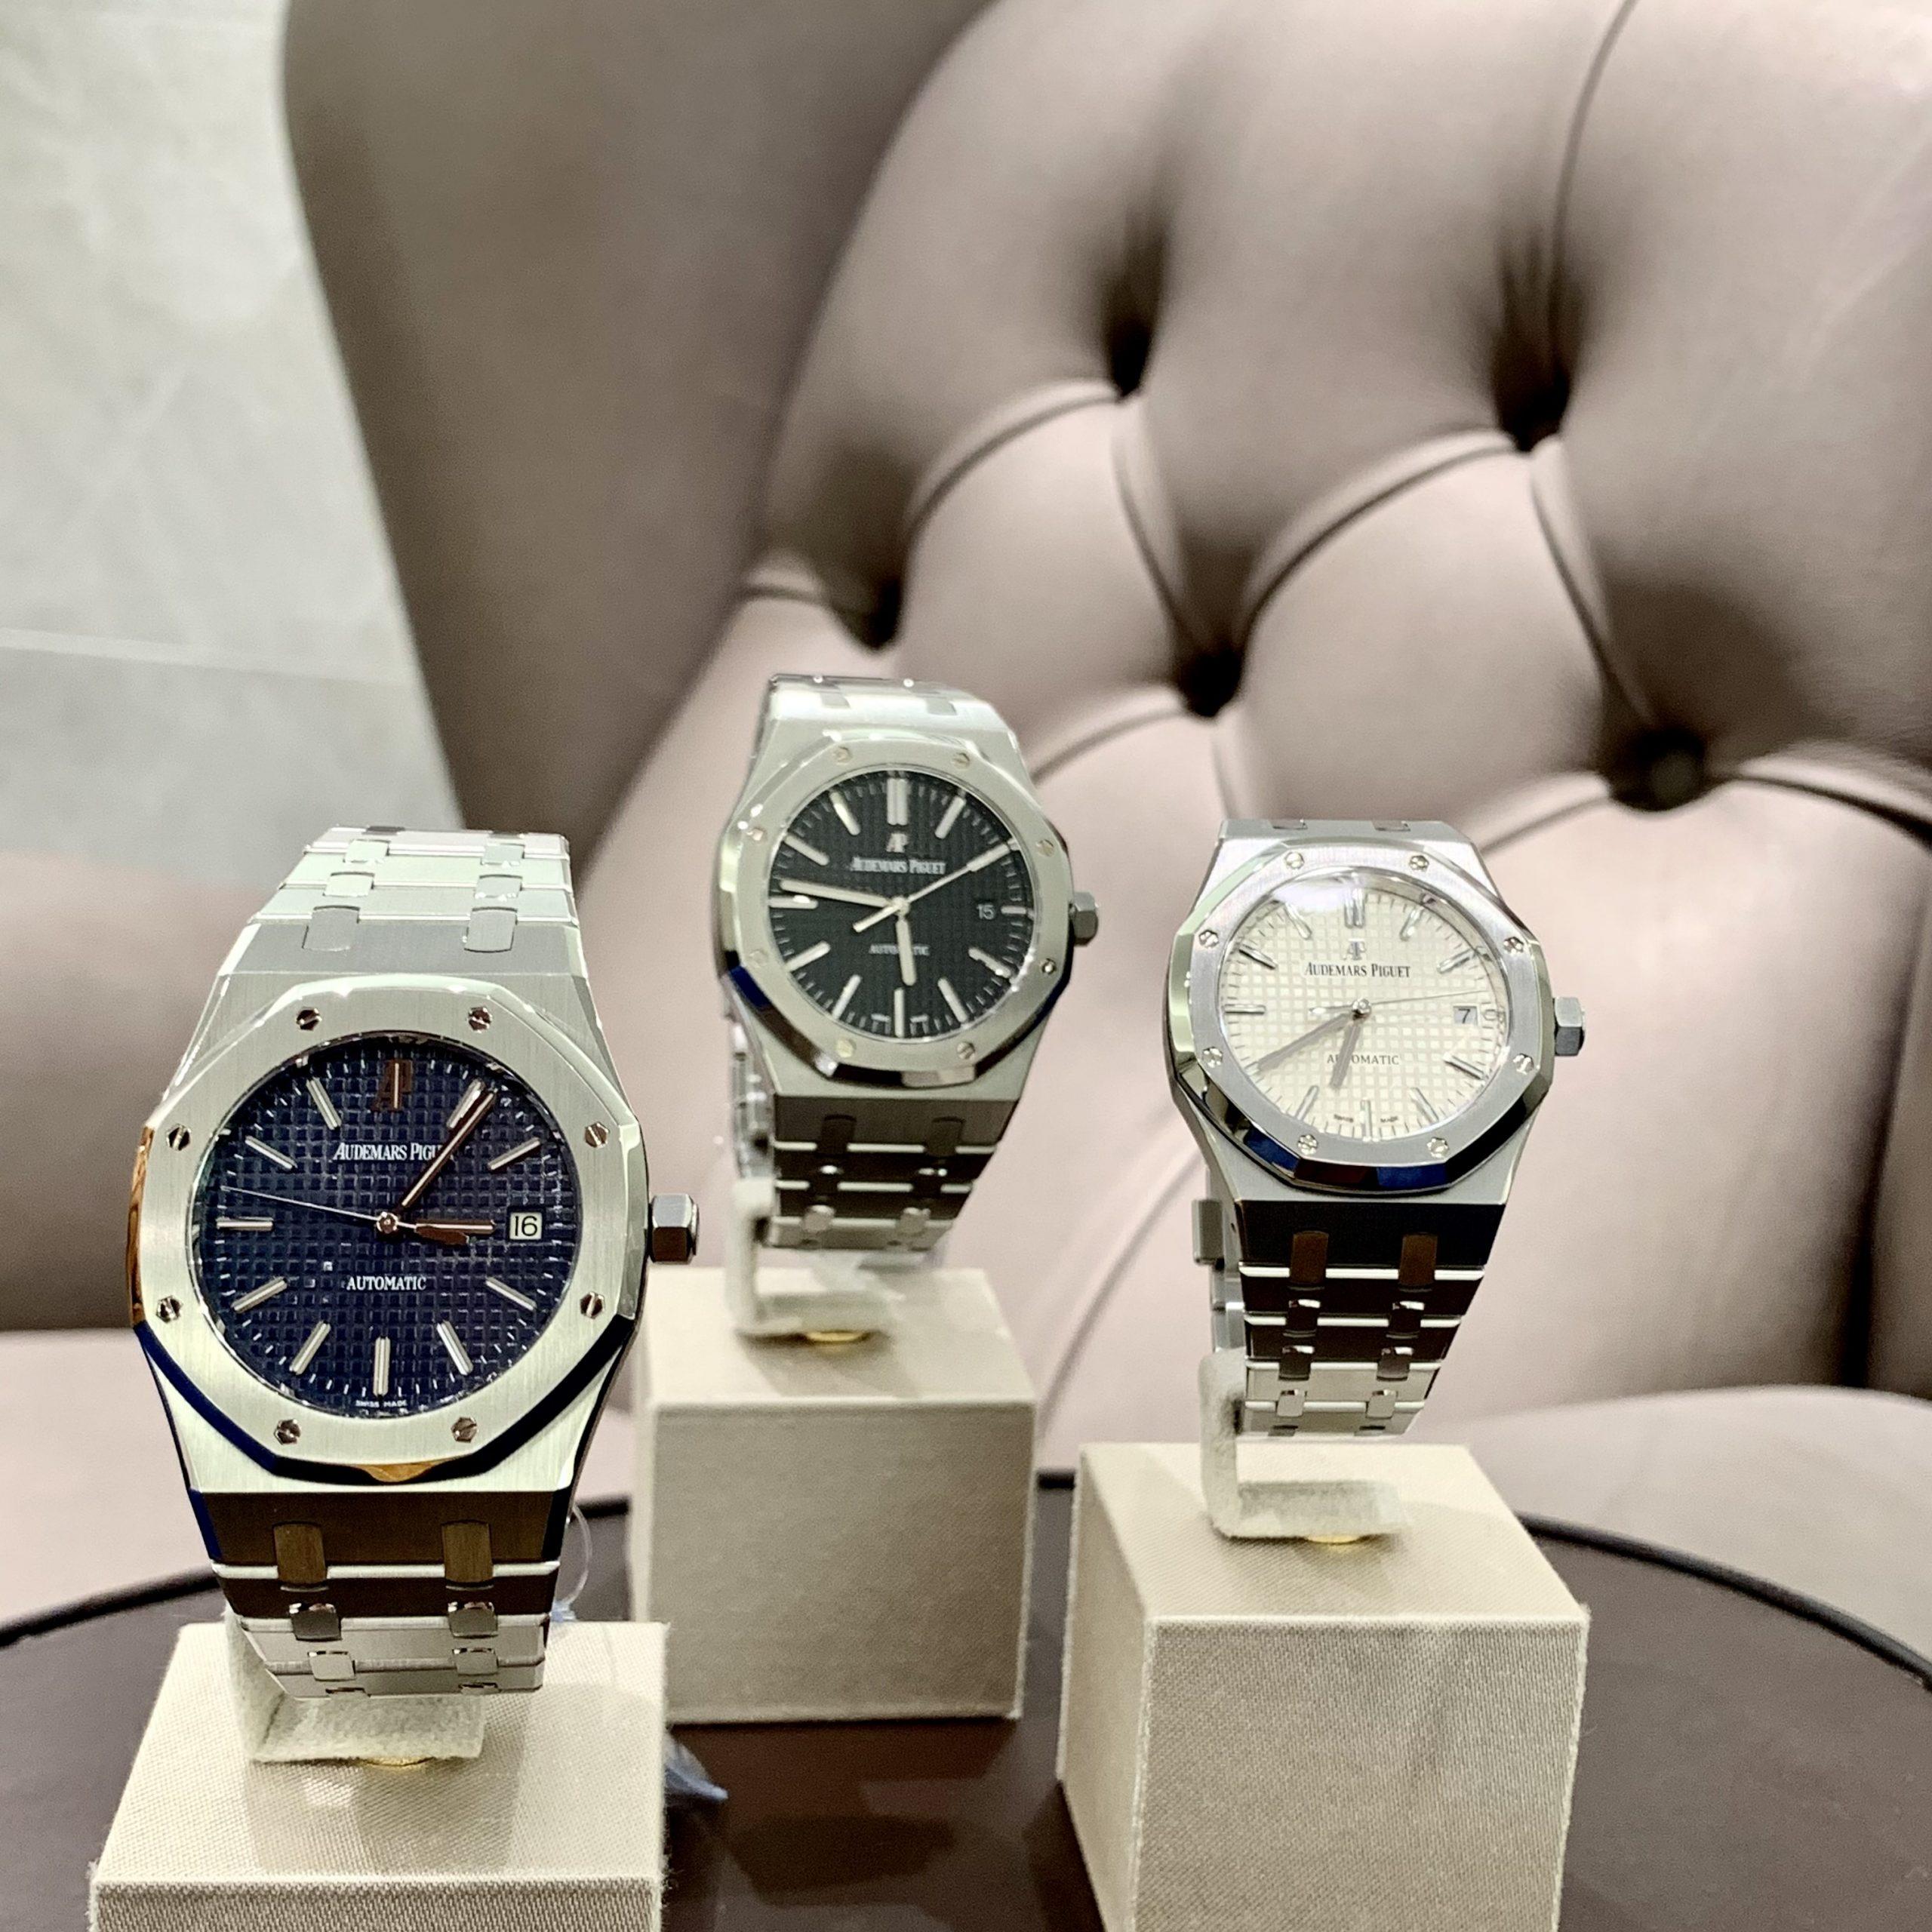 時計専門店GMTで一番お得に早く賢くお買い物ができる方法をご存じですか?